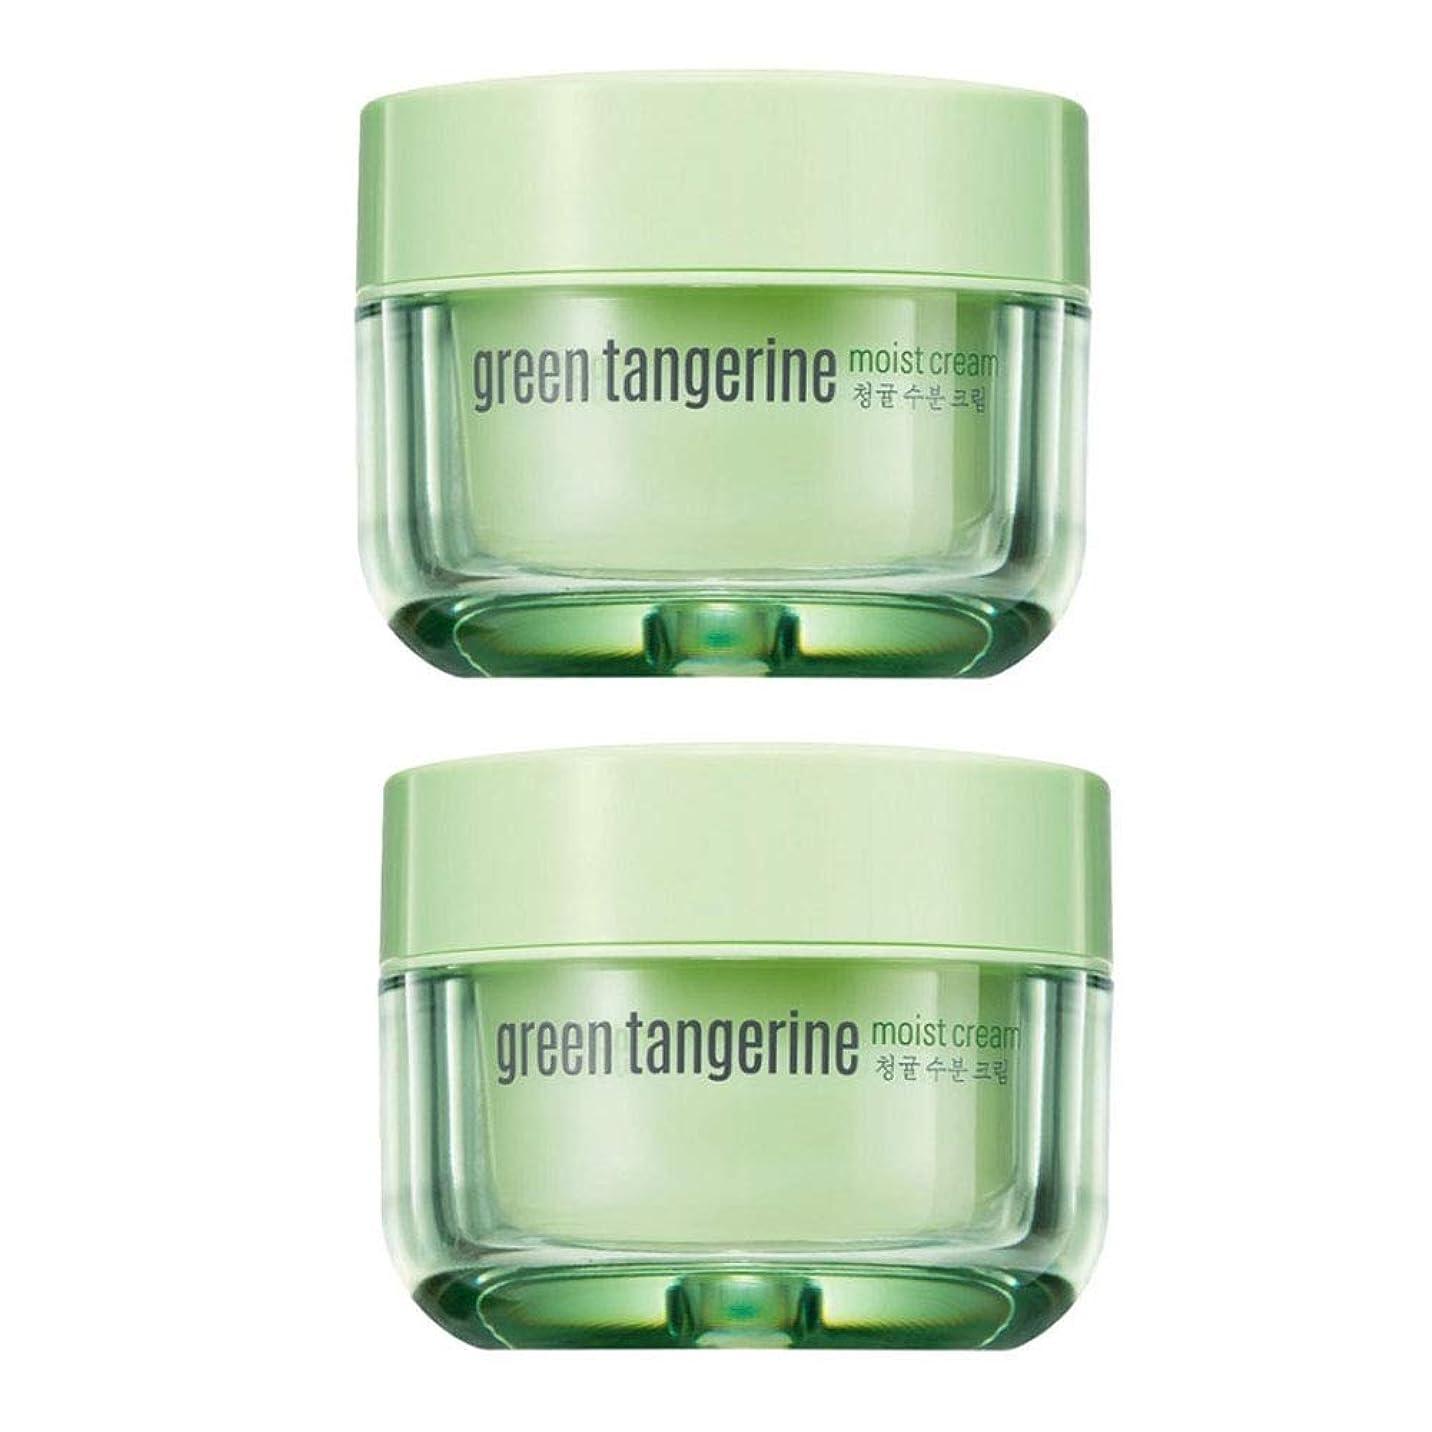 和解するリーダーシップ前提クリオグドール青みかん水分クリーム50mlx2本セット韓国コスメ、Clio Goodal Green Tangerine Moist Cream 50ml x 2ea Set Korean Cosmetics [並行輸入品]